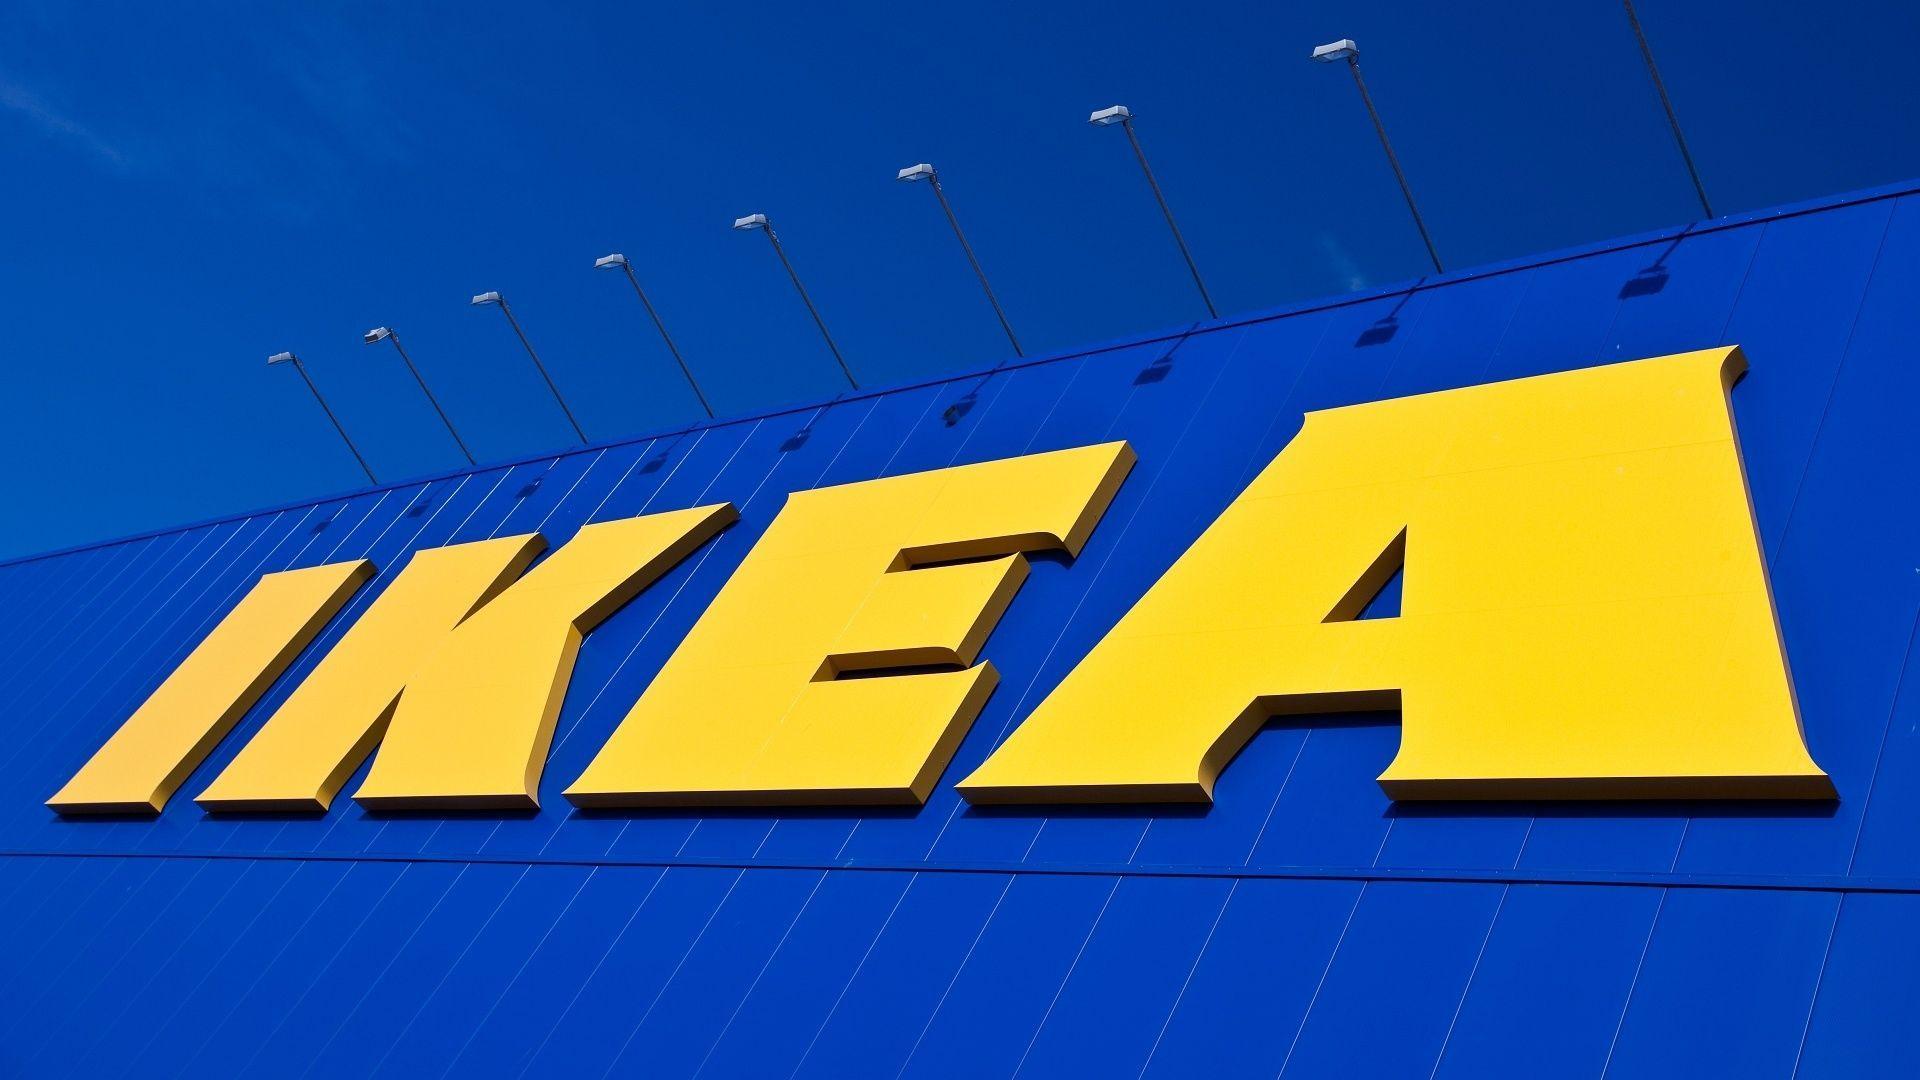 Inspiring Wallpaper Ideas From IKEA